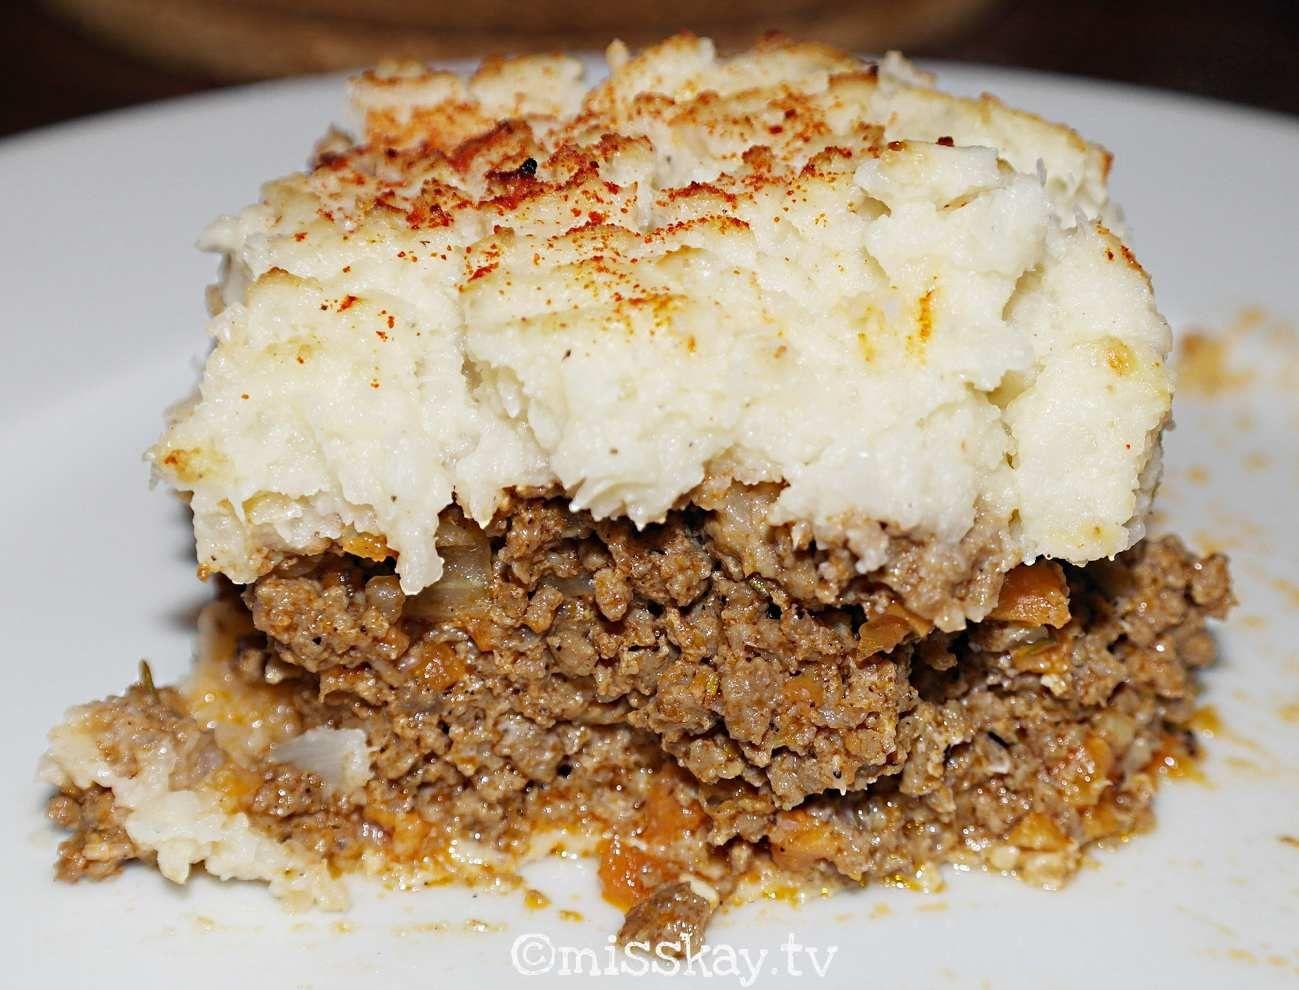 Paleofreundliches Rezept des englischen Klassikers: Shepherd's Pie OHNE Gluten, Milchprodukte, Hülsenfrüchte, Soja oder Kartoffeln.